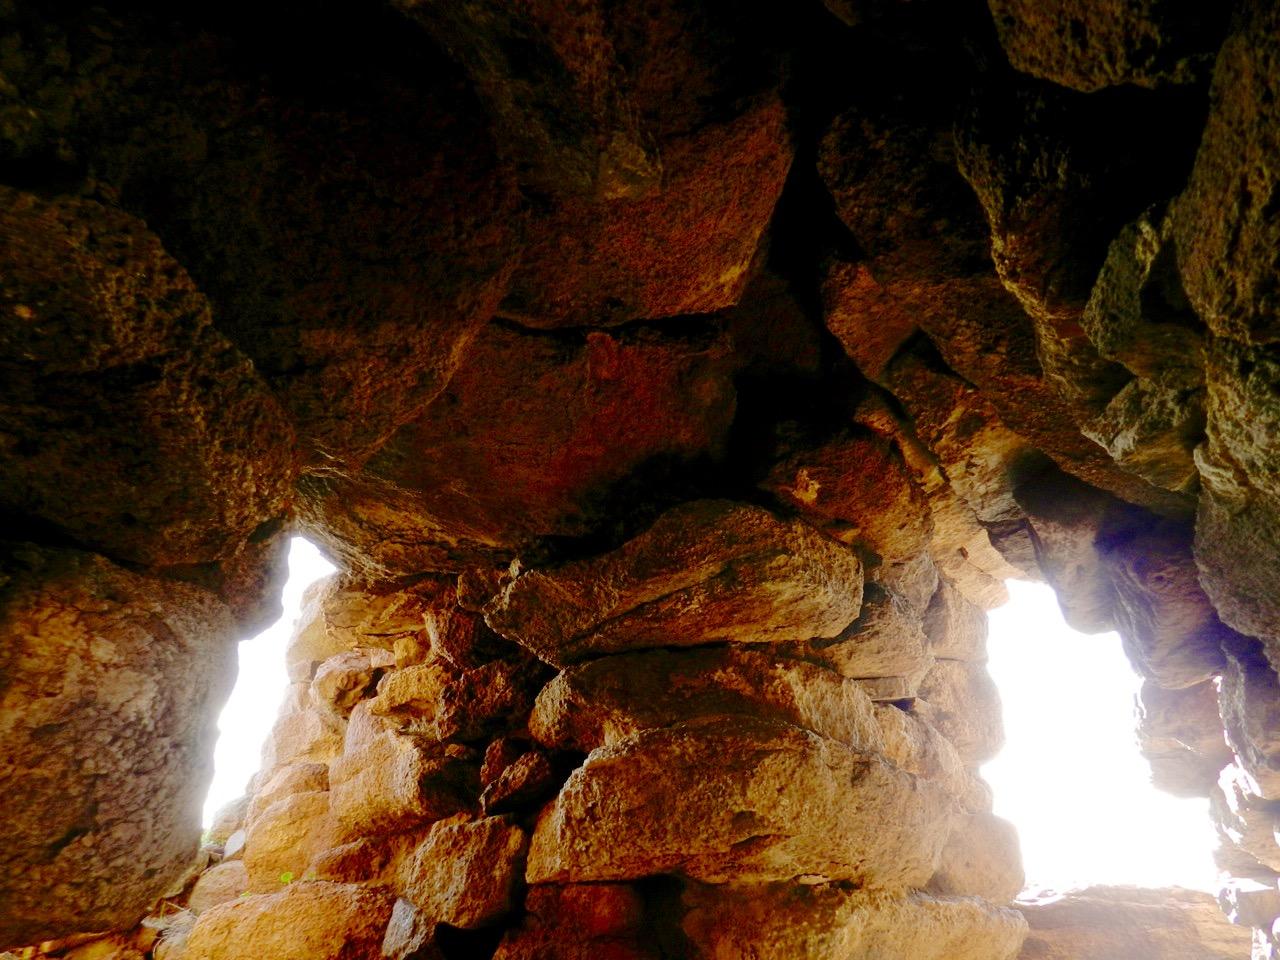 Sonnenzimmer, stanza del sole, im Nuraghen Seruci bei Gonnesa